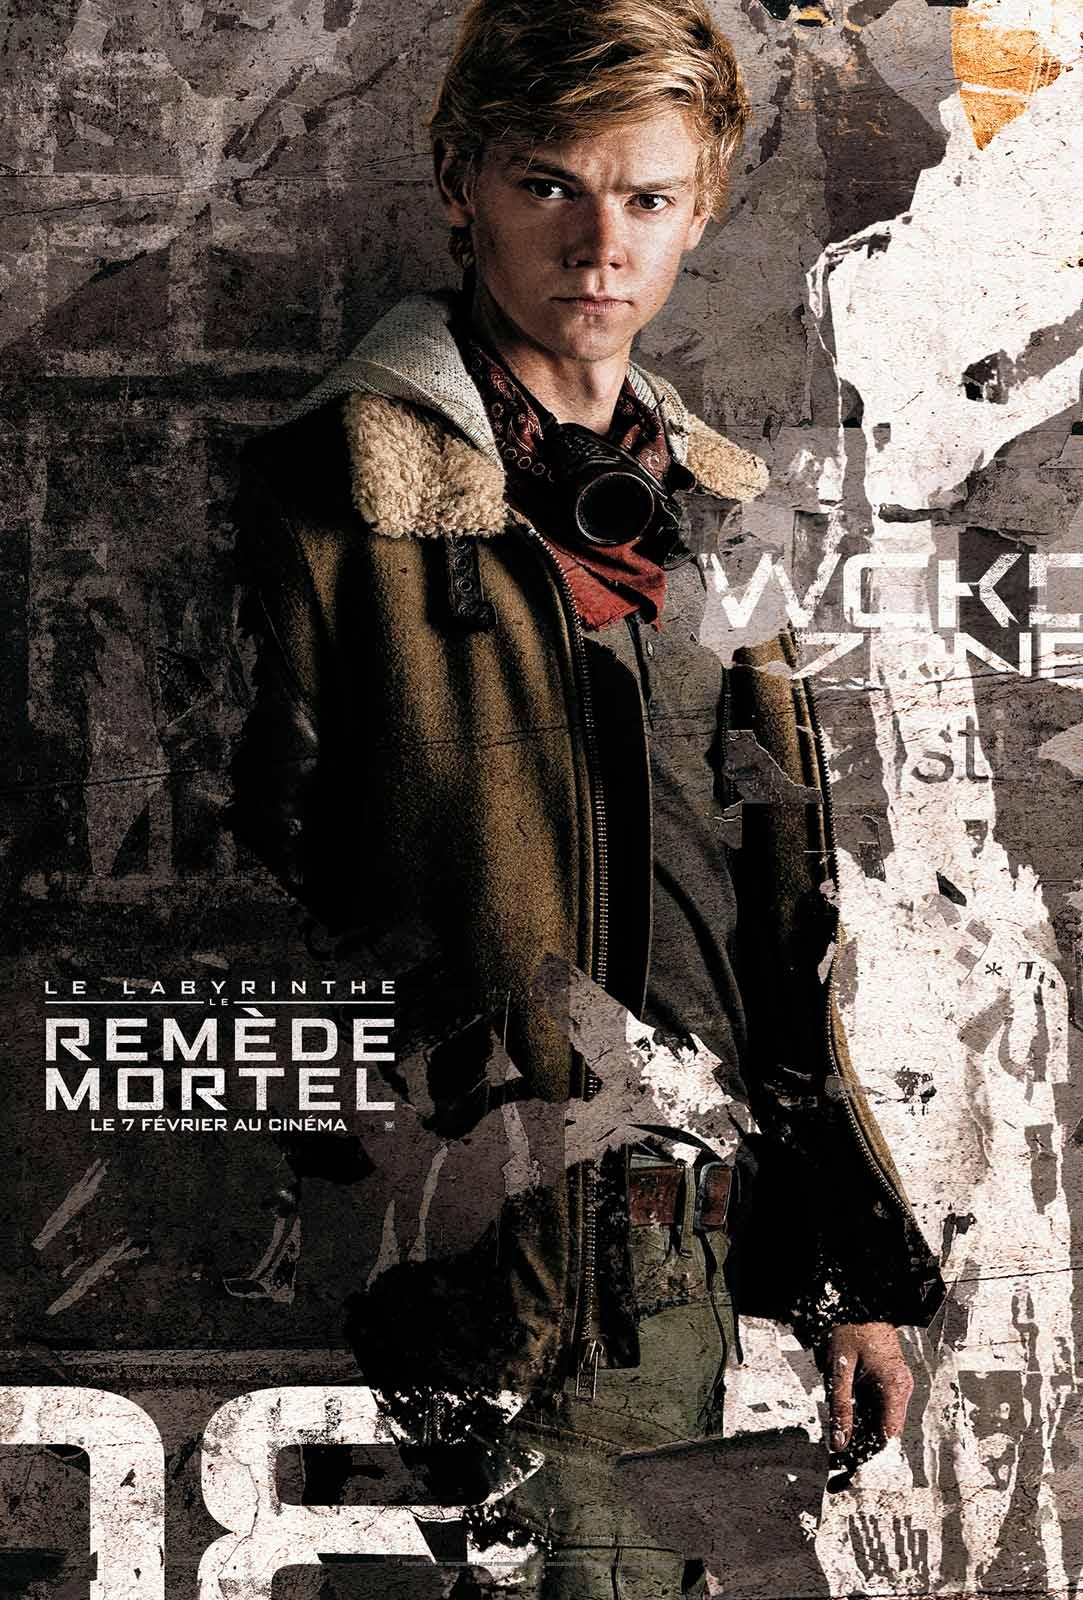 Le Labyrinthe 3 Le Remède Mortel Streaming Vf : labyrinthe, remède, mortel, streaming, LABYRINTHE, REMEDE, MORTEL, TELECHARGER, Alstimerun